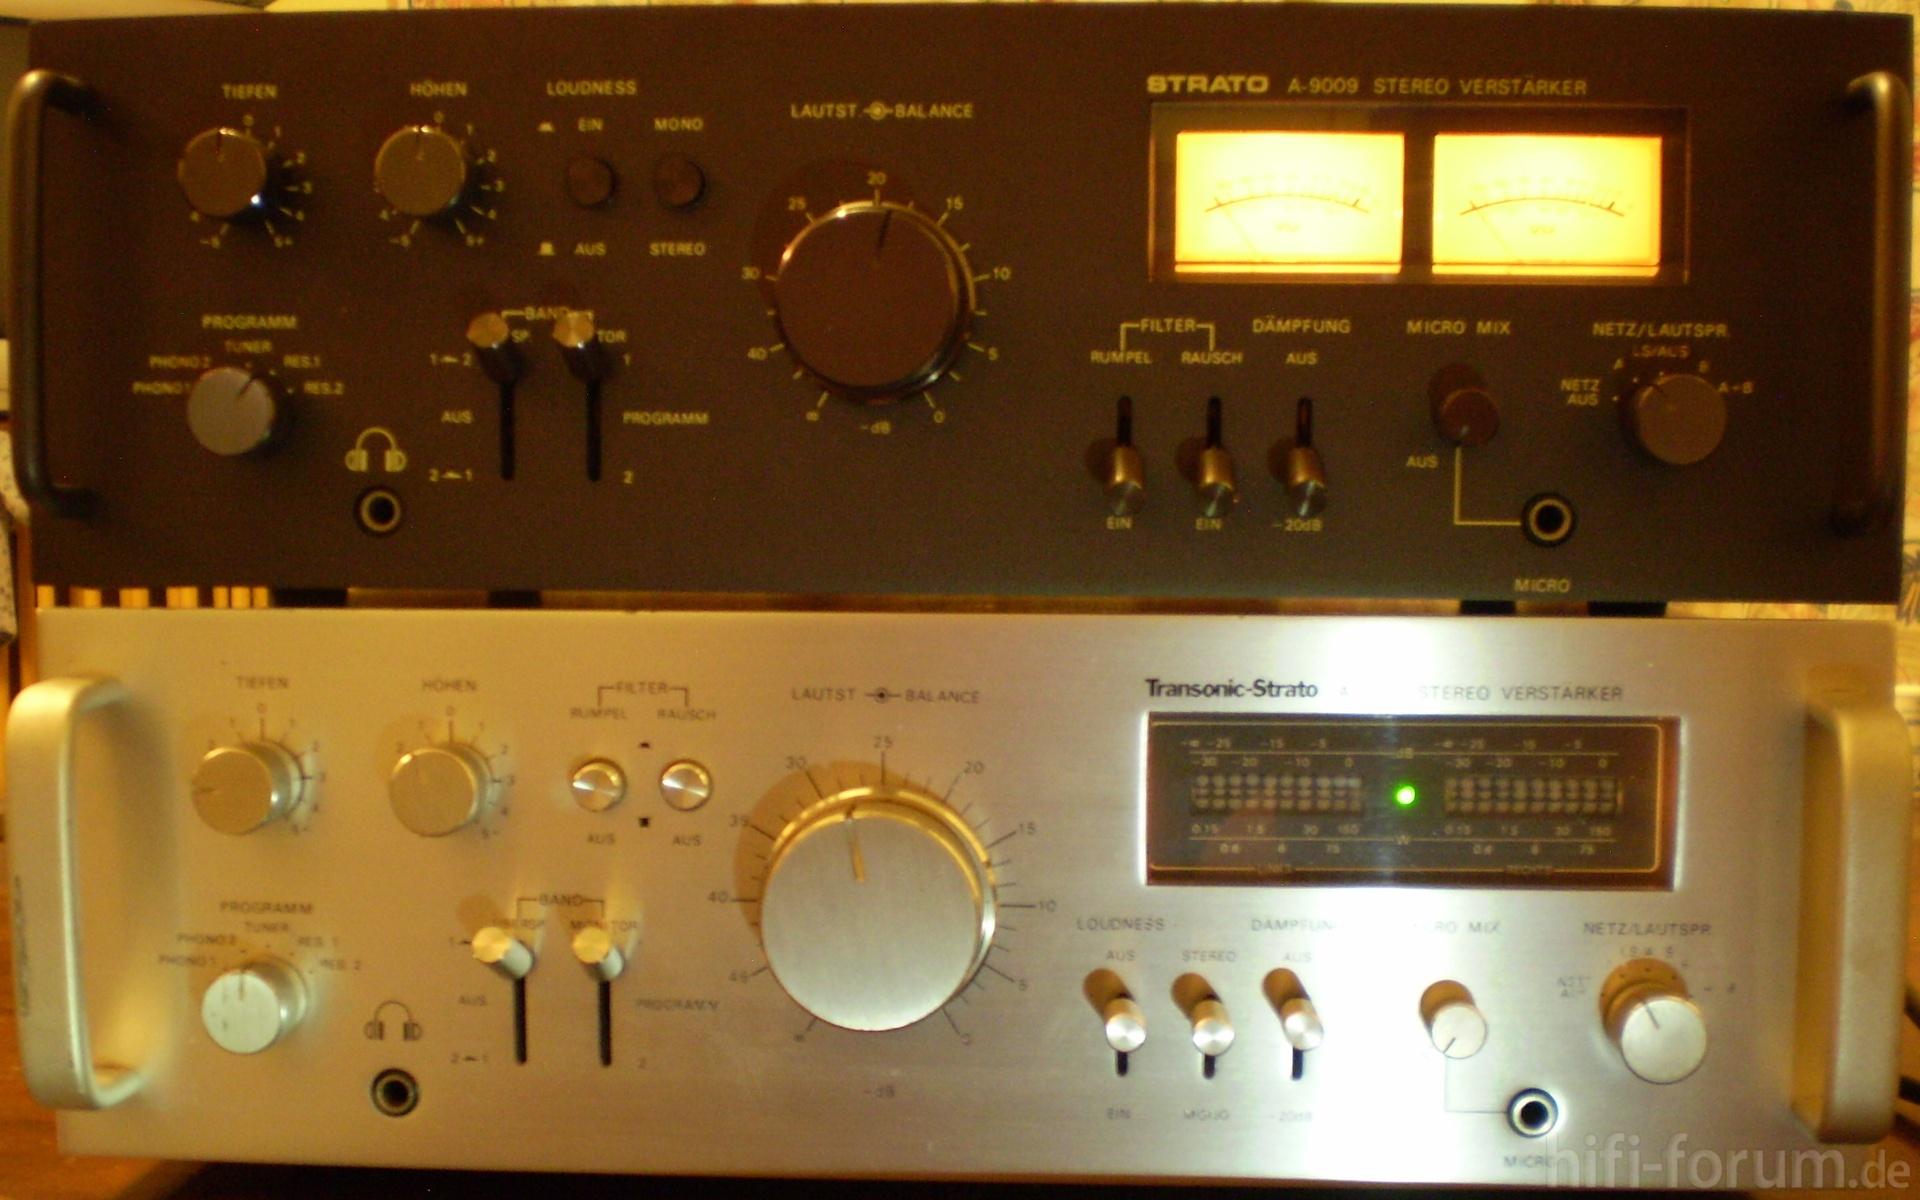 strato 9009 und transonic strato 1110 hifiklassiker stereo strato transonic. Black Bedroom Furniture Sets. Home Design Ideas